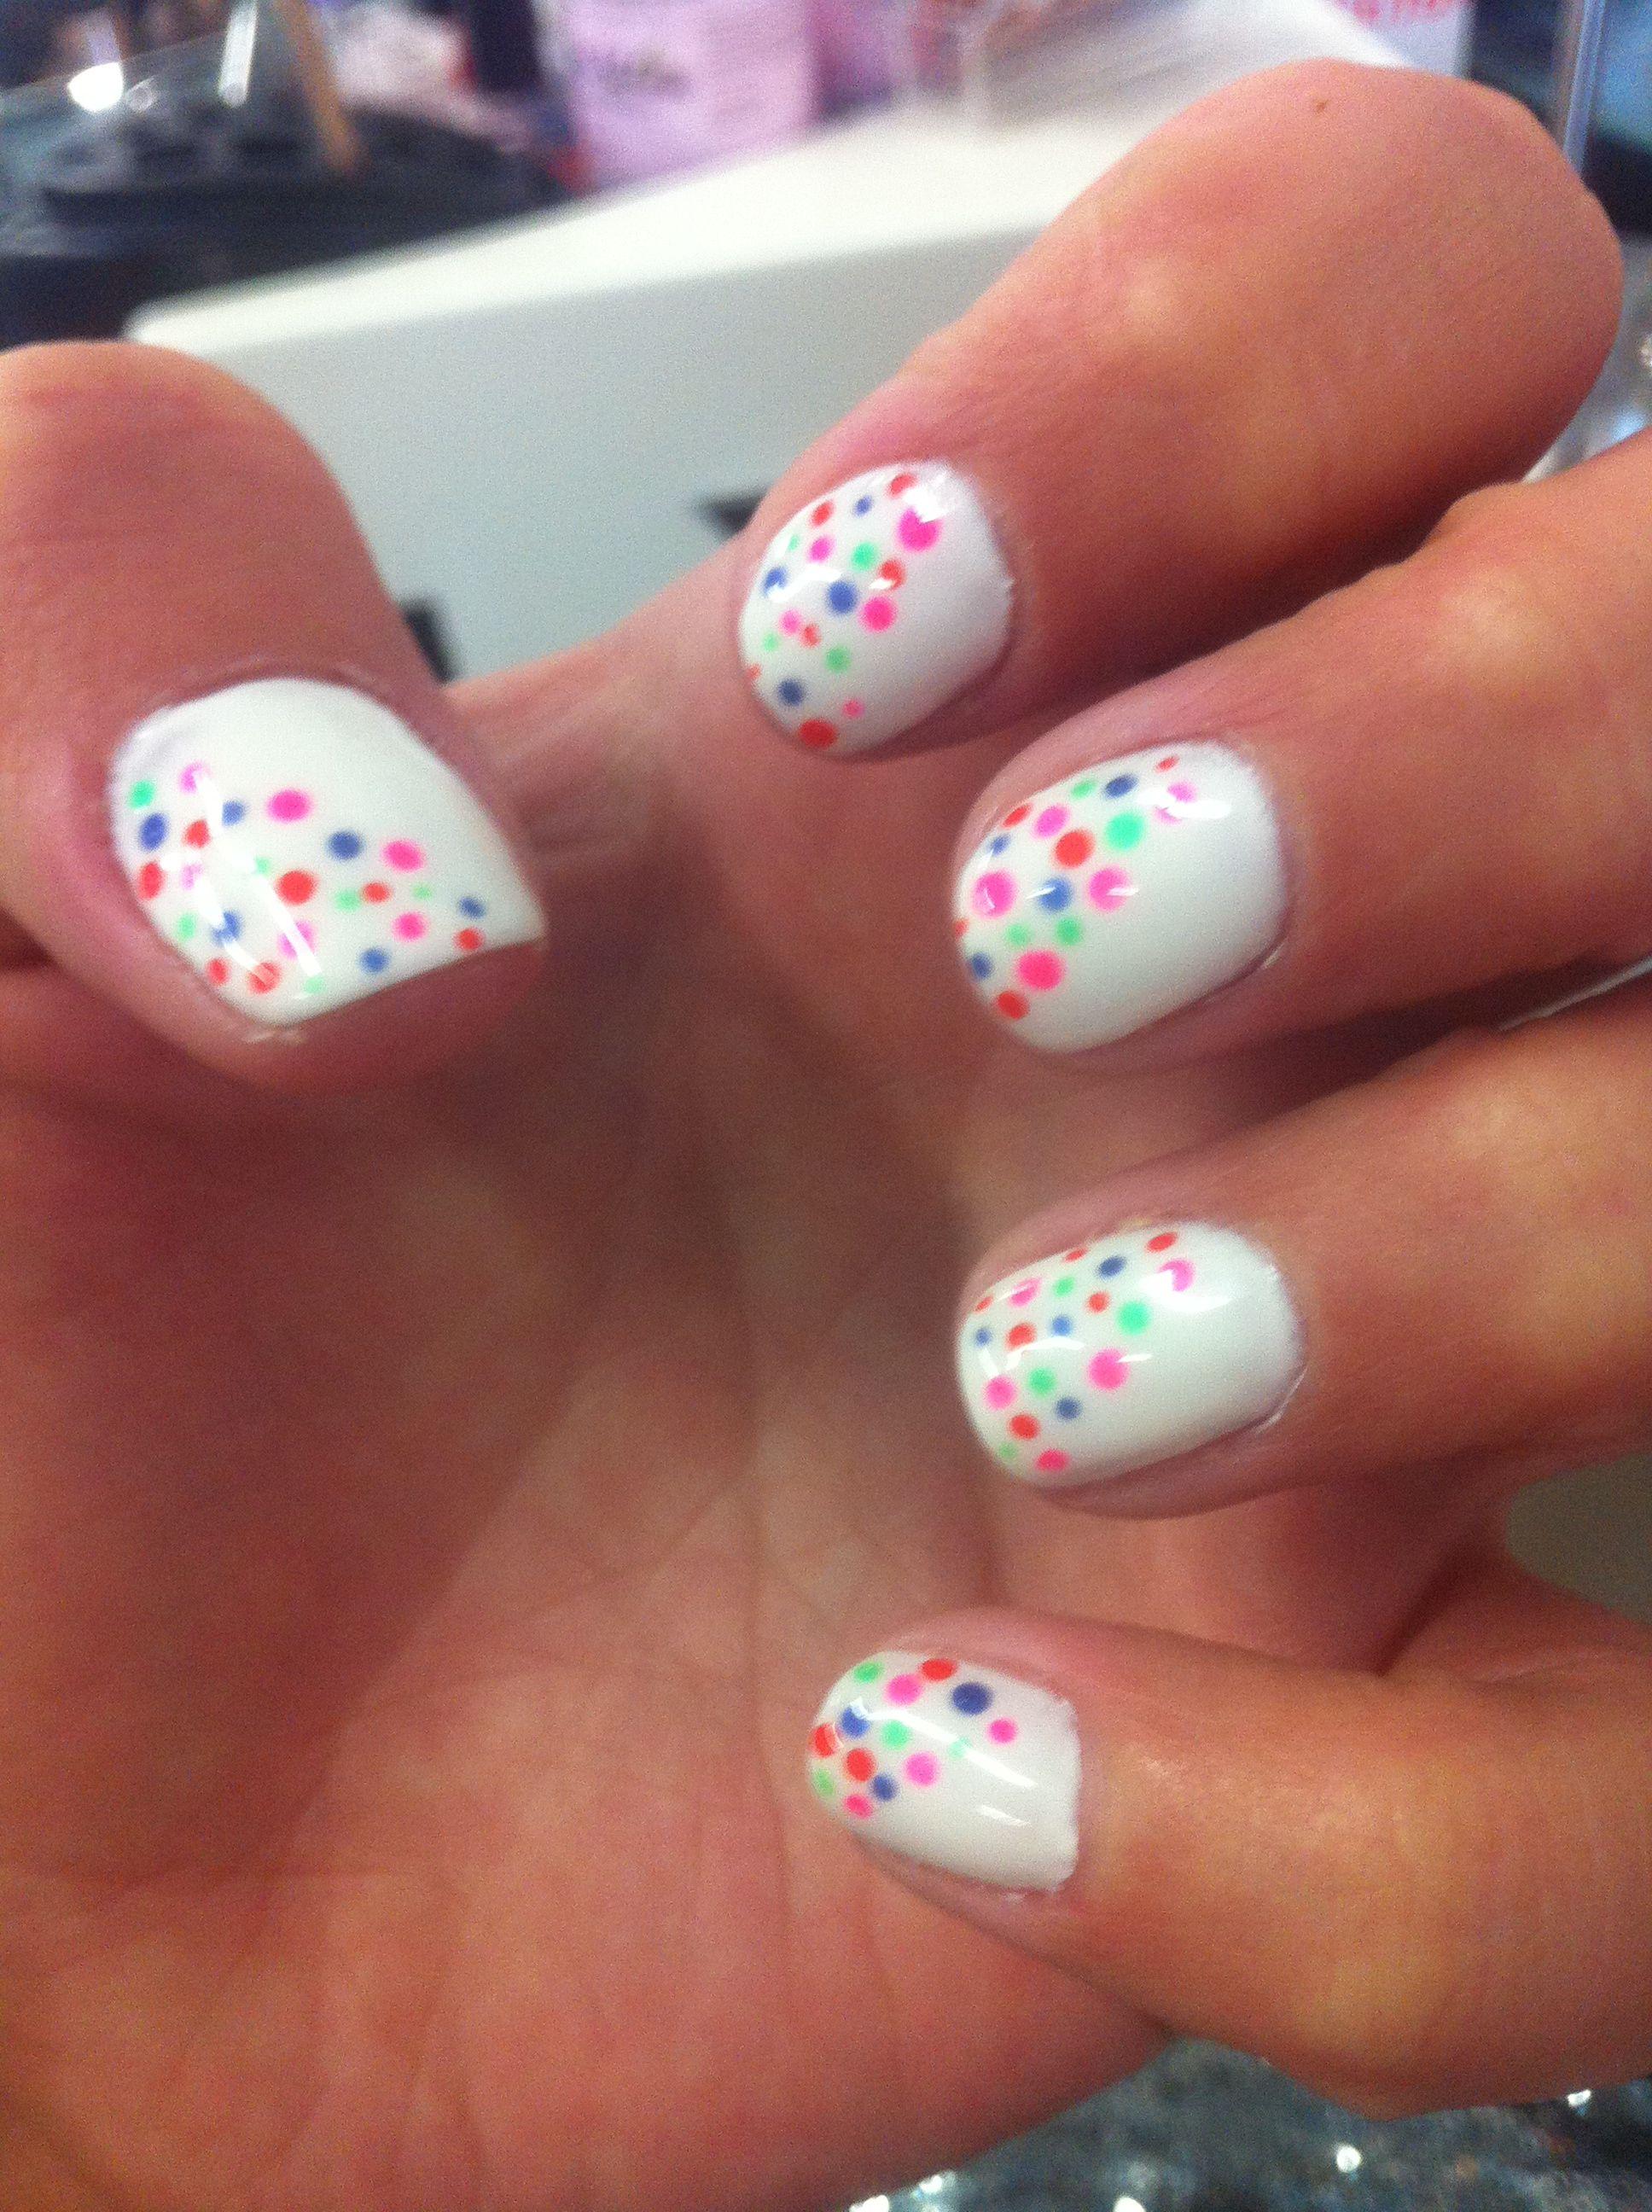 Fun nail ideas | Nael idees | Pinterest | Fun nails, Spring nails ...